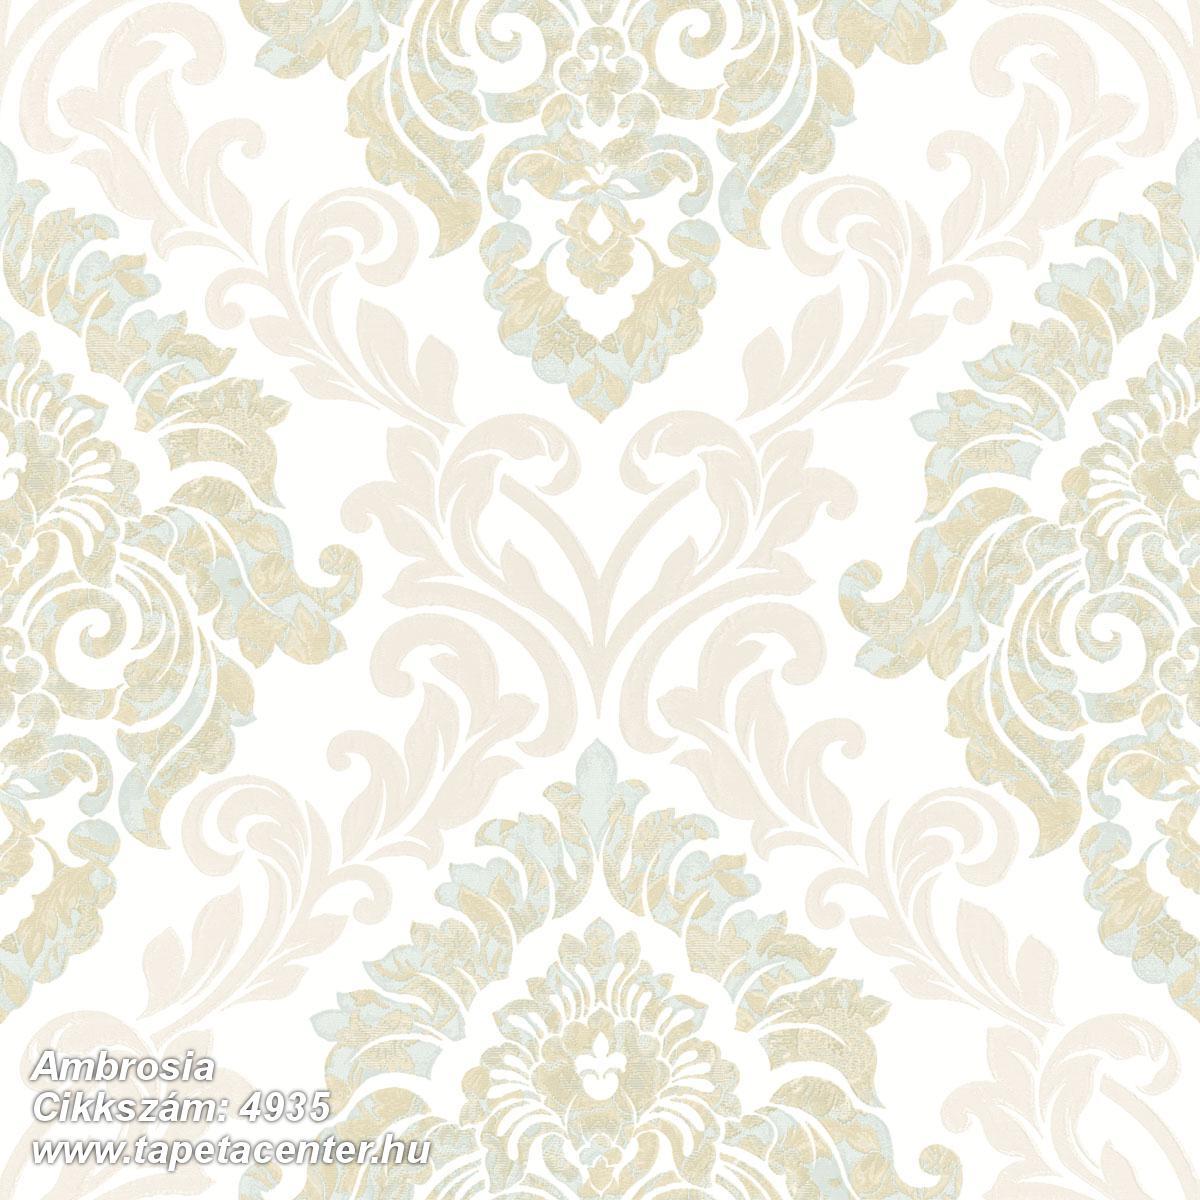 Barokk-klasszikus,különleges motívumos,textil hatású,arany,barna,bézs-drapp,fehér,vajszín,súrolható,vlies tapéta